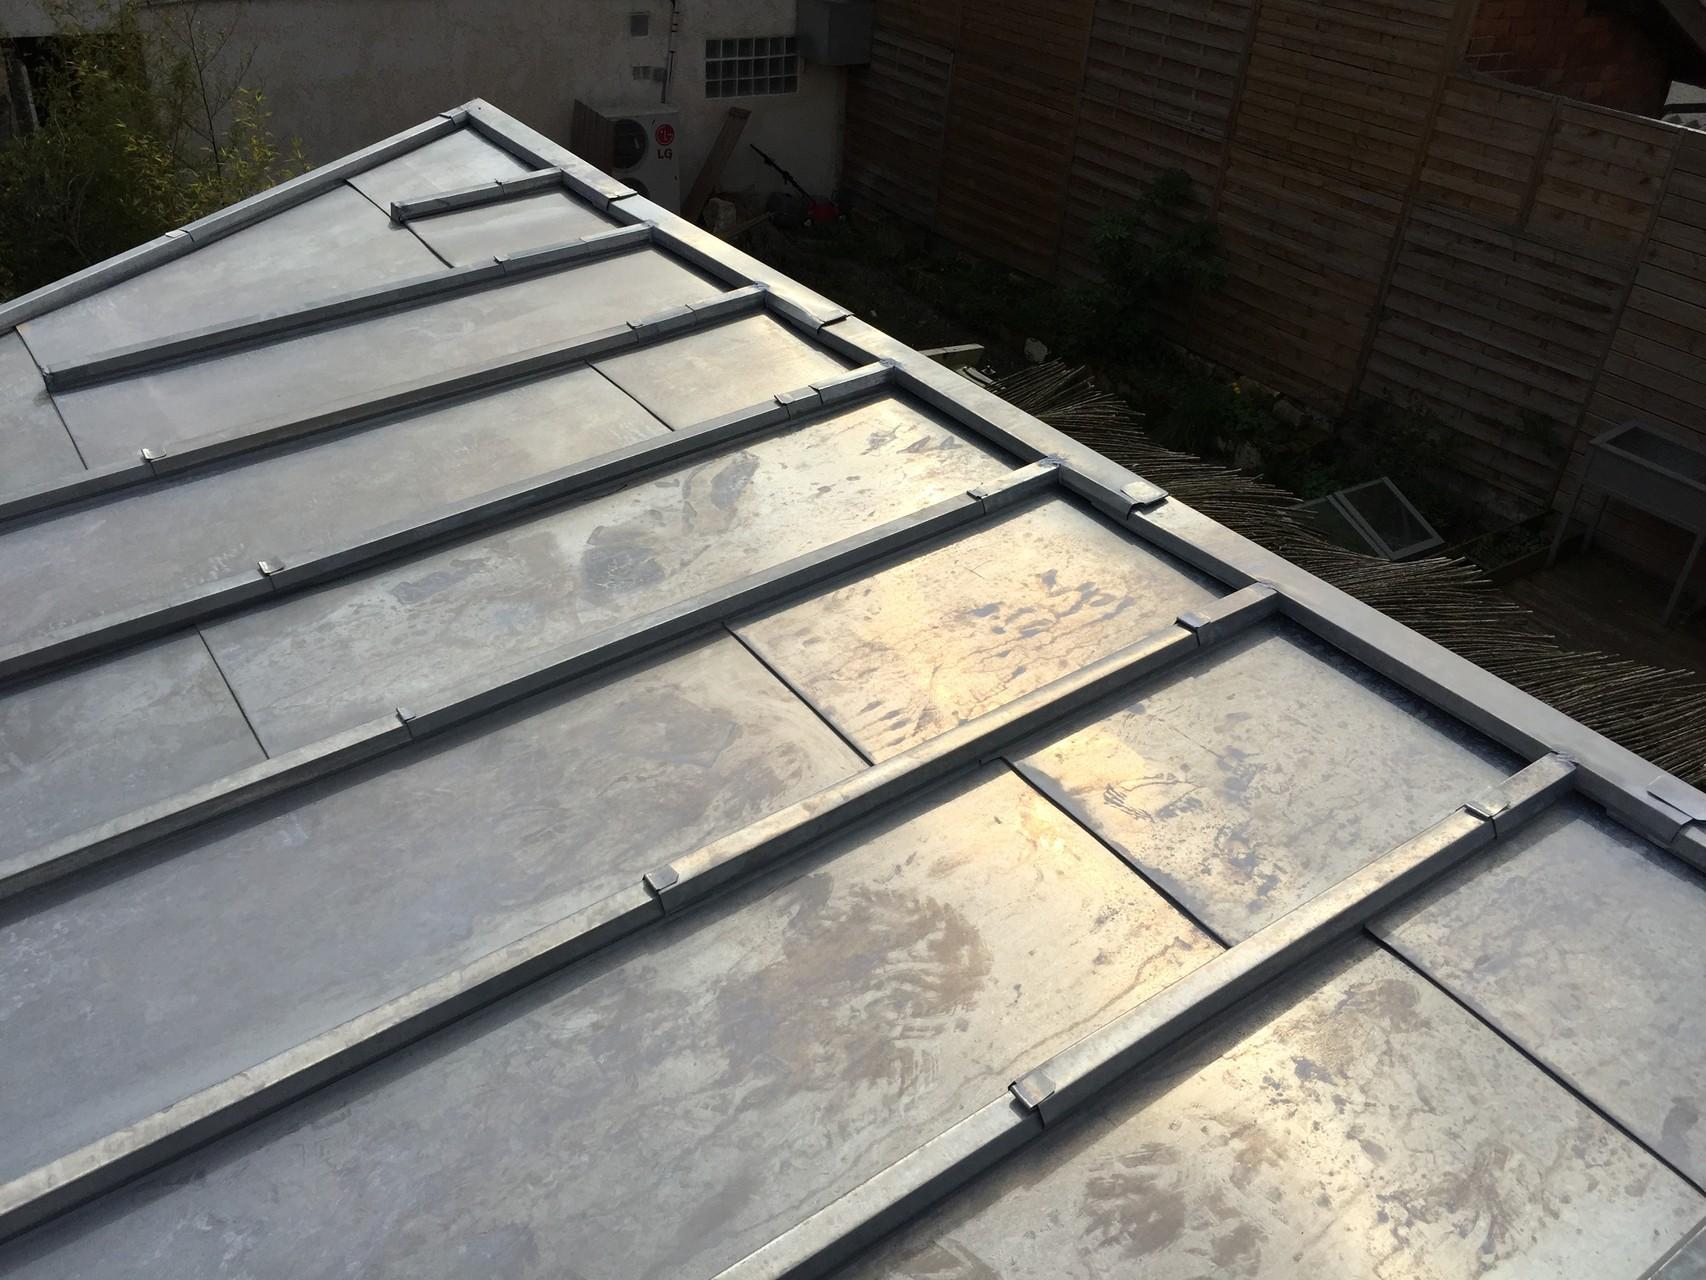 Rive toiture zinc trendy zinc ou cuivre chnaux sous face frisette planches de rive with rive - Pente mini bac acier ...